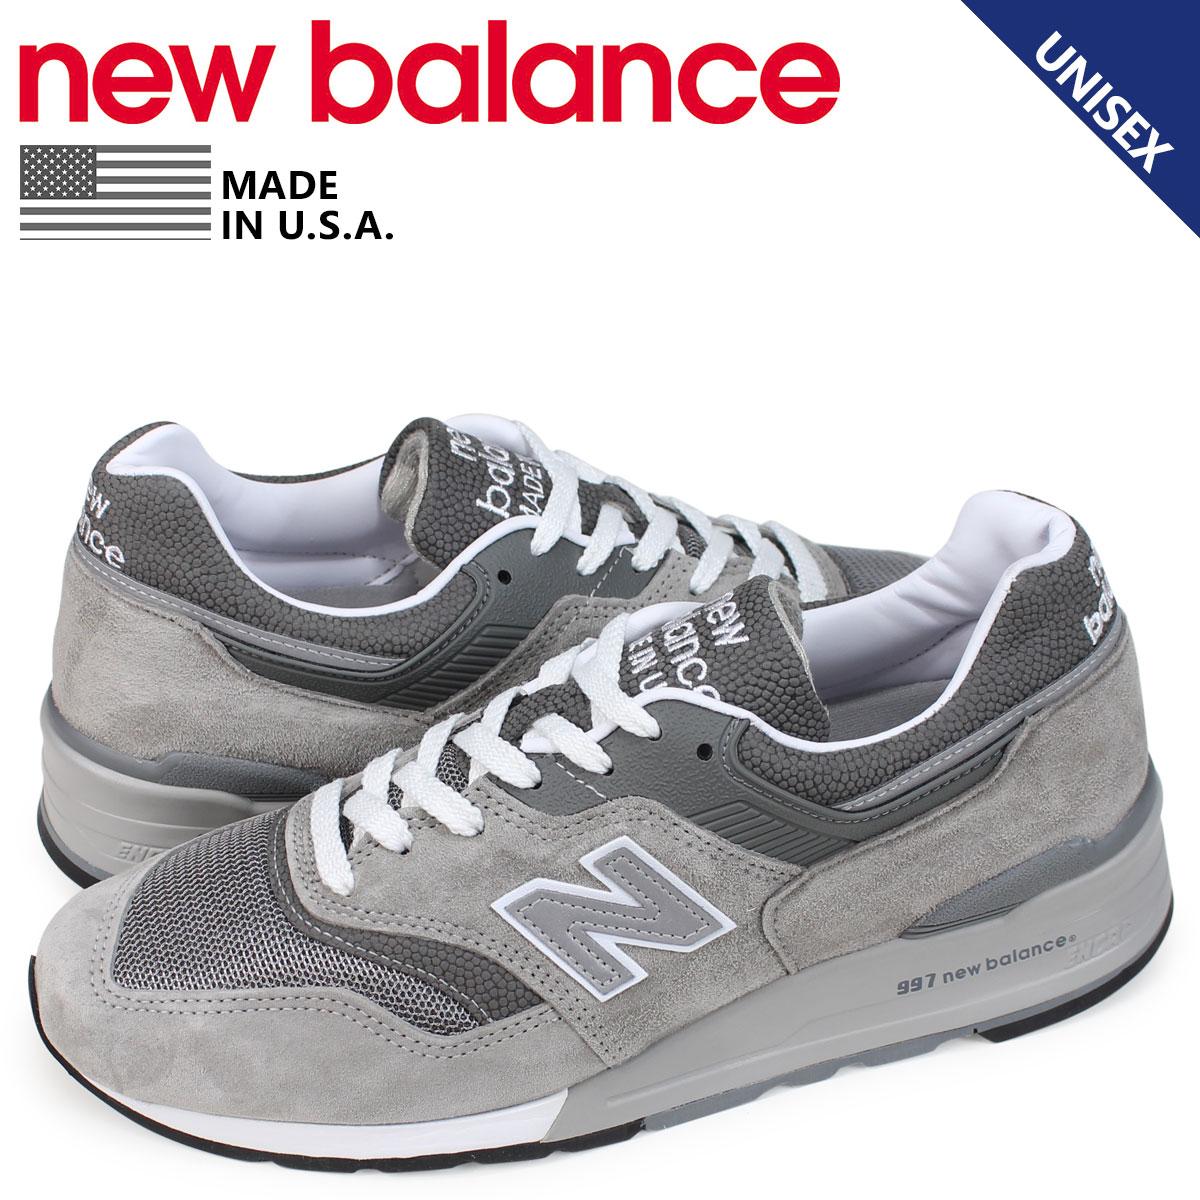 【最大2000円OFFクーポン】 ニューバランス new balance 997 スニーカー メンズ Dワイズ MADE IN USA グレー M997GY